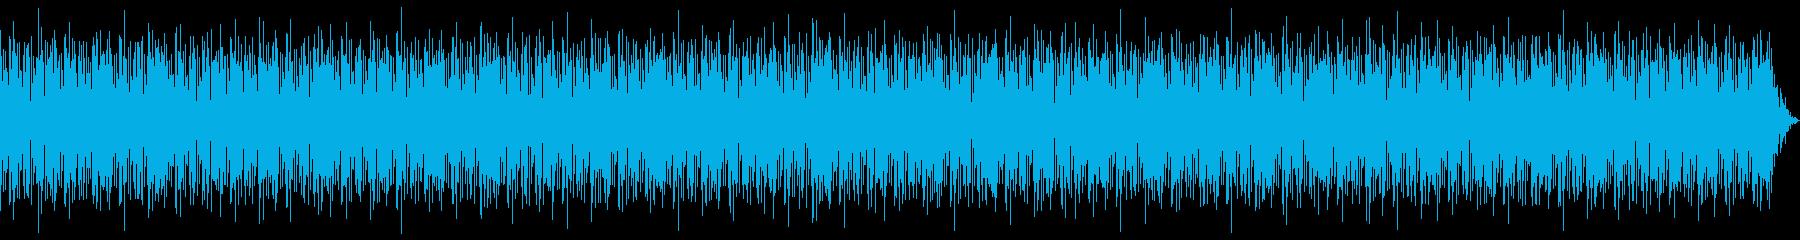 キャンプ・アウトドア のんびりBGMの再生済みの波形